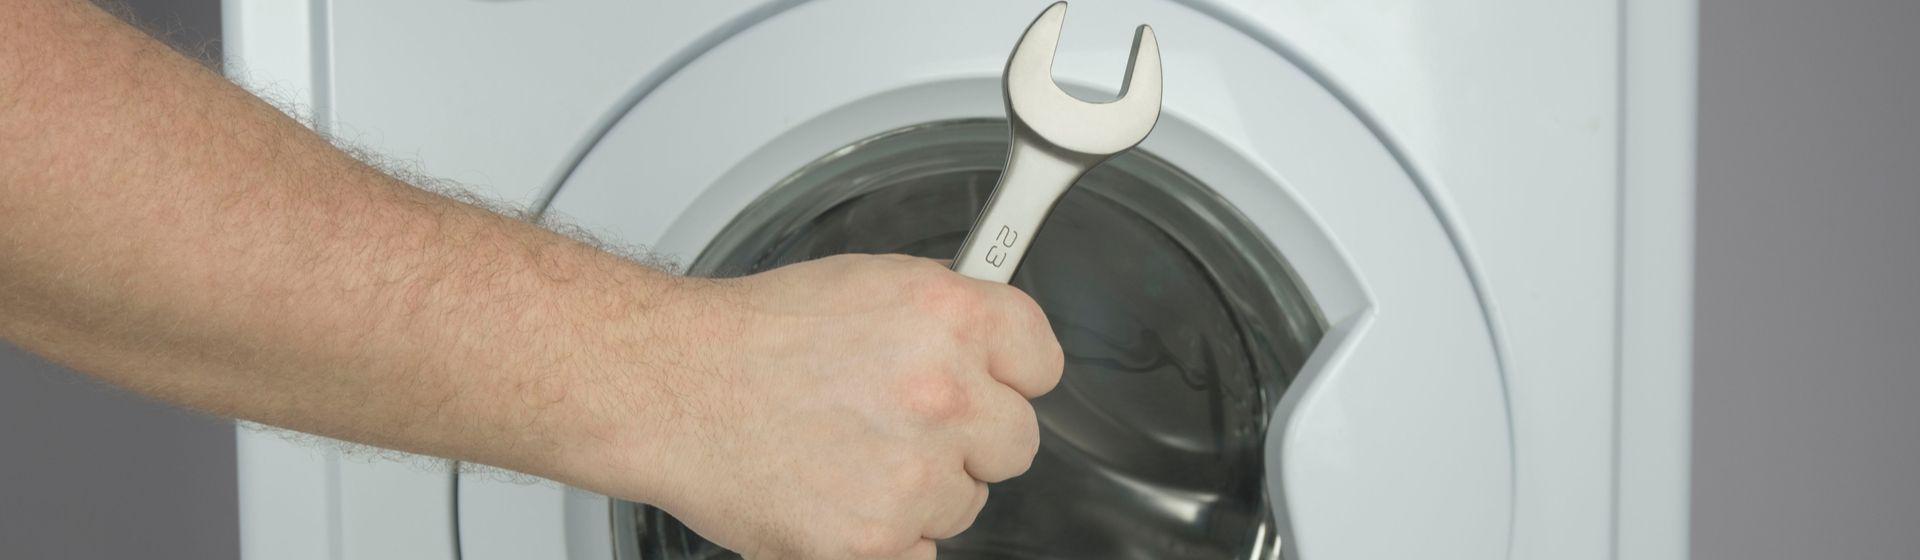 Máquina de lavar vazando água por baixo: como resolver?